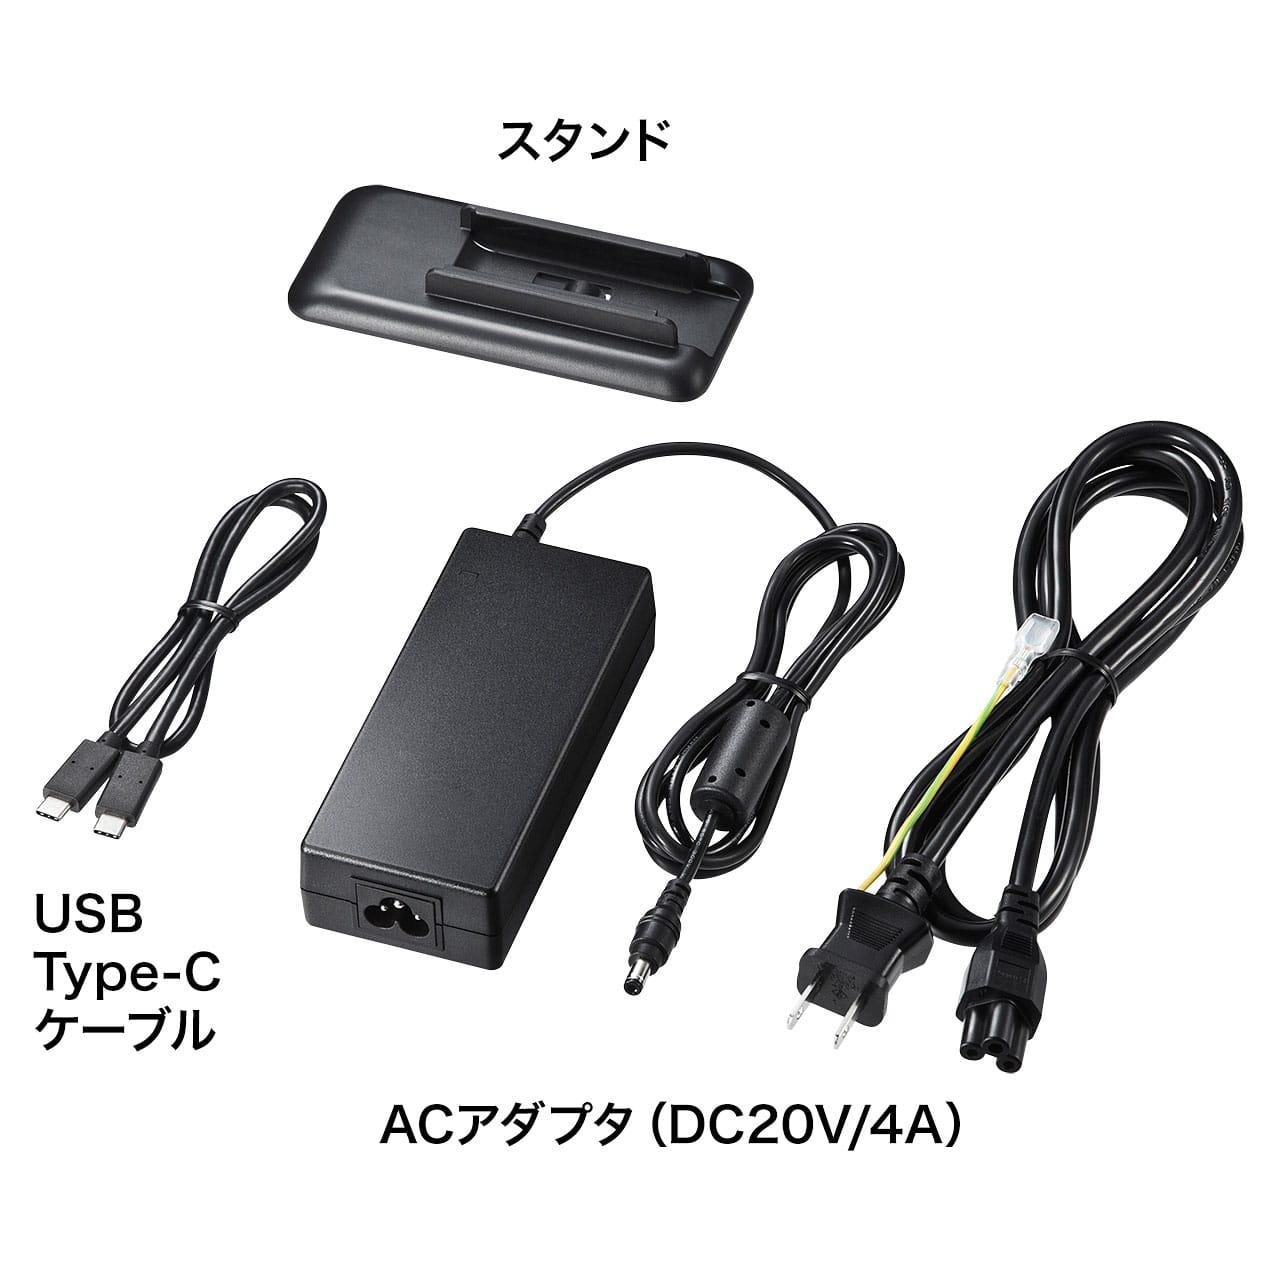 USB Type-C専用 ドッキングステーション